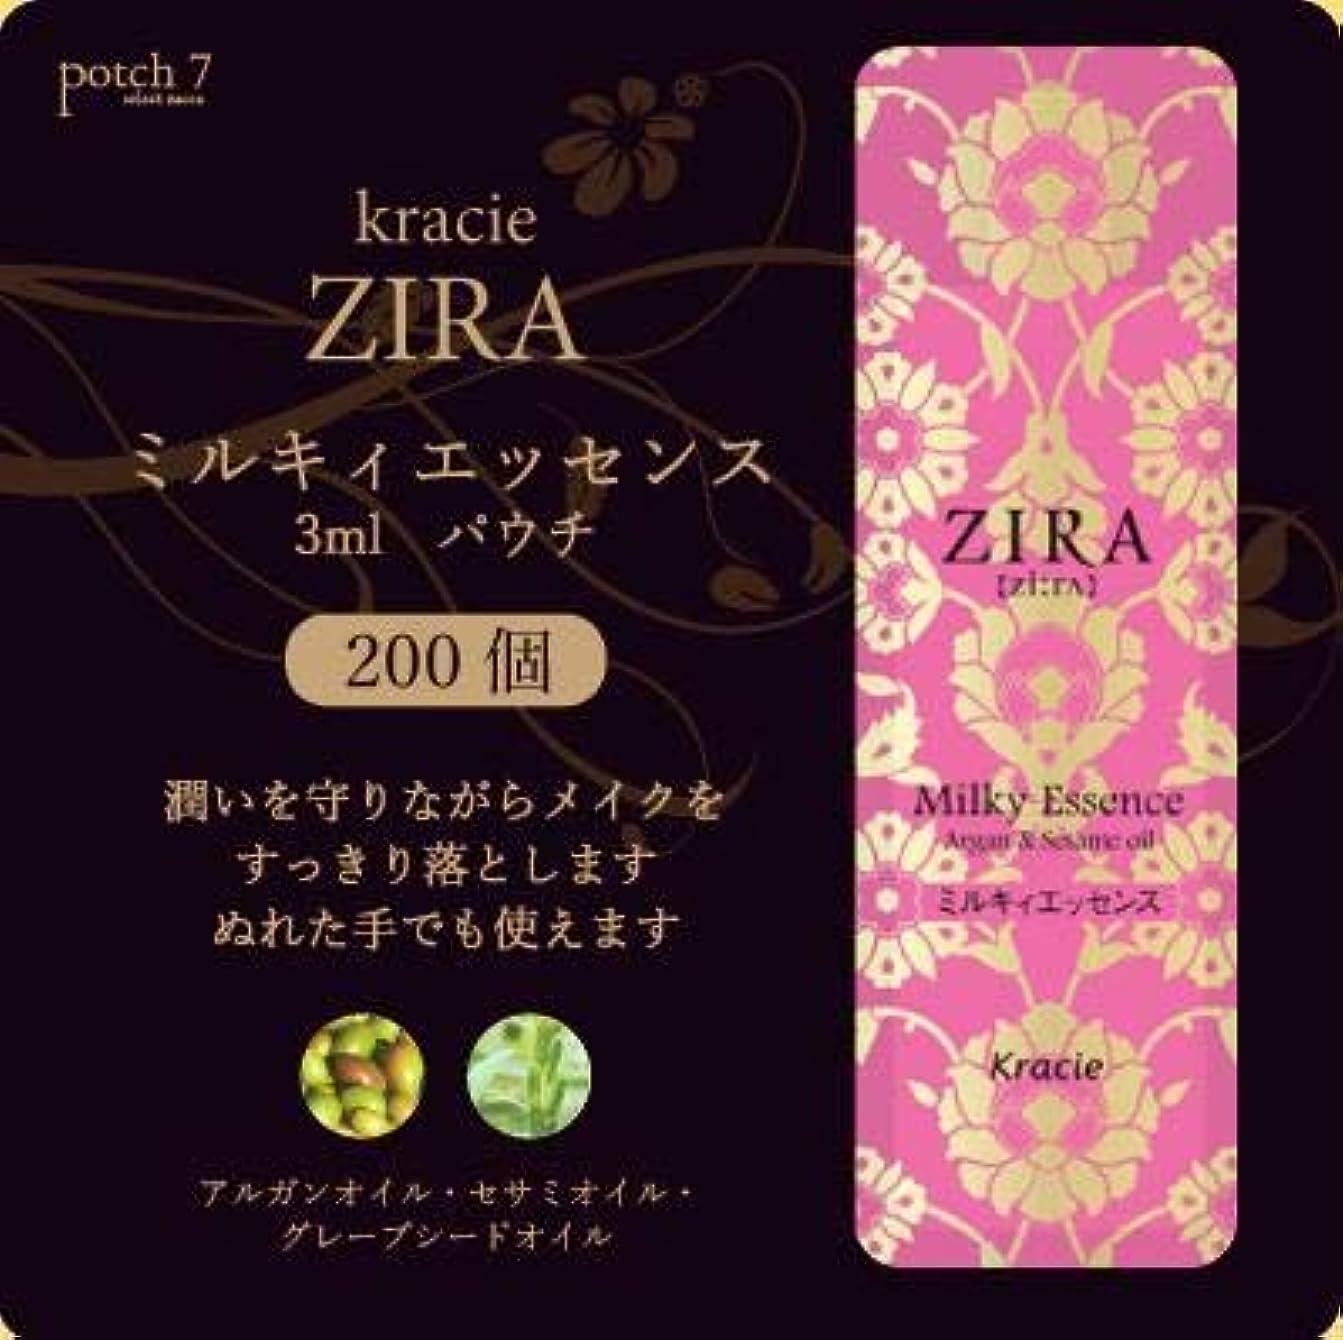 大統領近代化する放射能Kracie クラシエ ZIRA ジーラ ミルキィエッセンス 美容液 パウチ 3ml 200個入